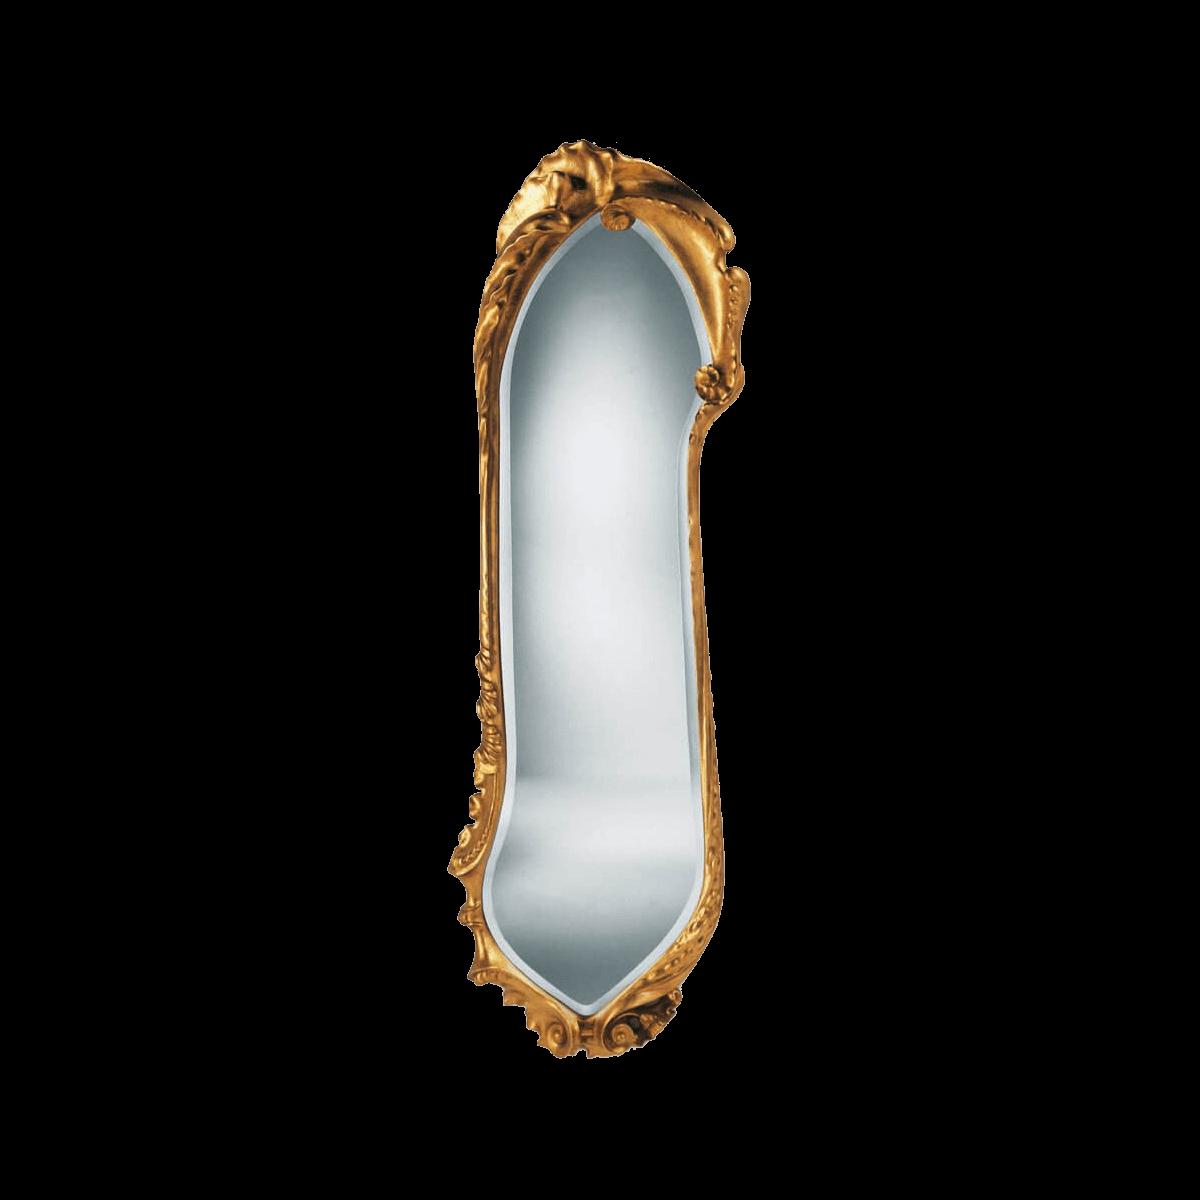 b.d barcelona design Calvet Mirror 镜子